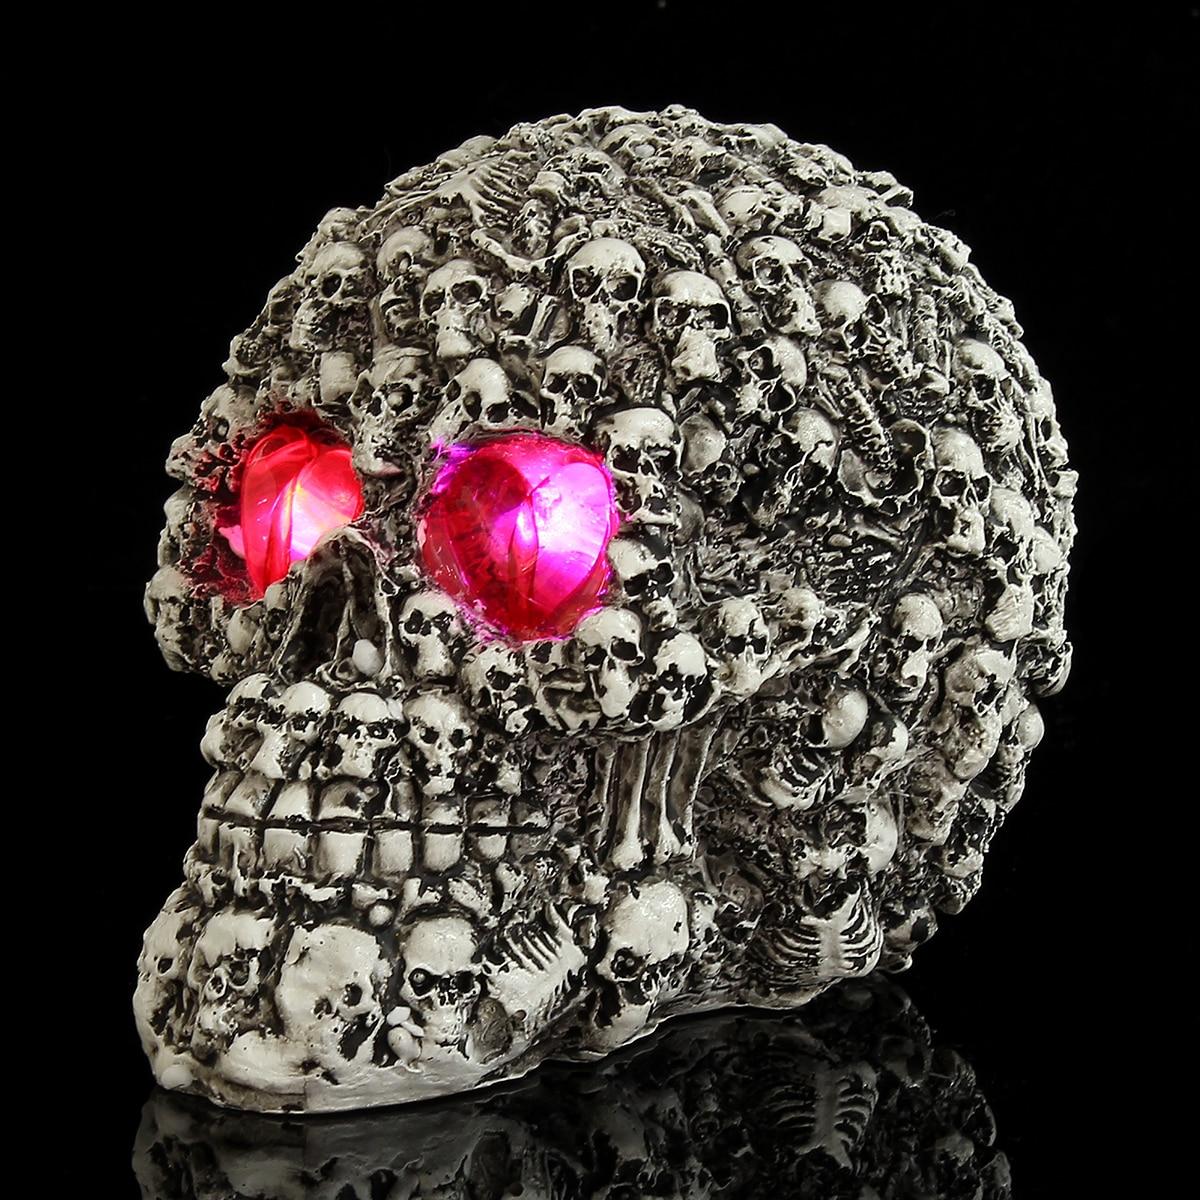 Gothic Red Glow in the Dark Schädel Kopf Skeleton Knochen Geformt für Halloween Party Dekorationen Trick Statue Figurine Wohnkultur